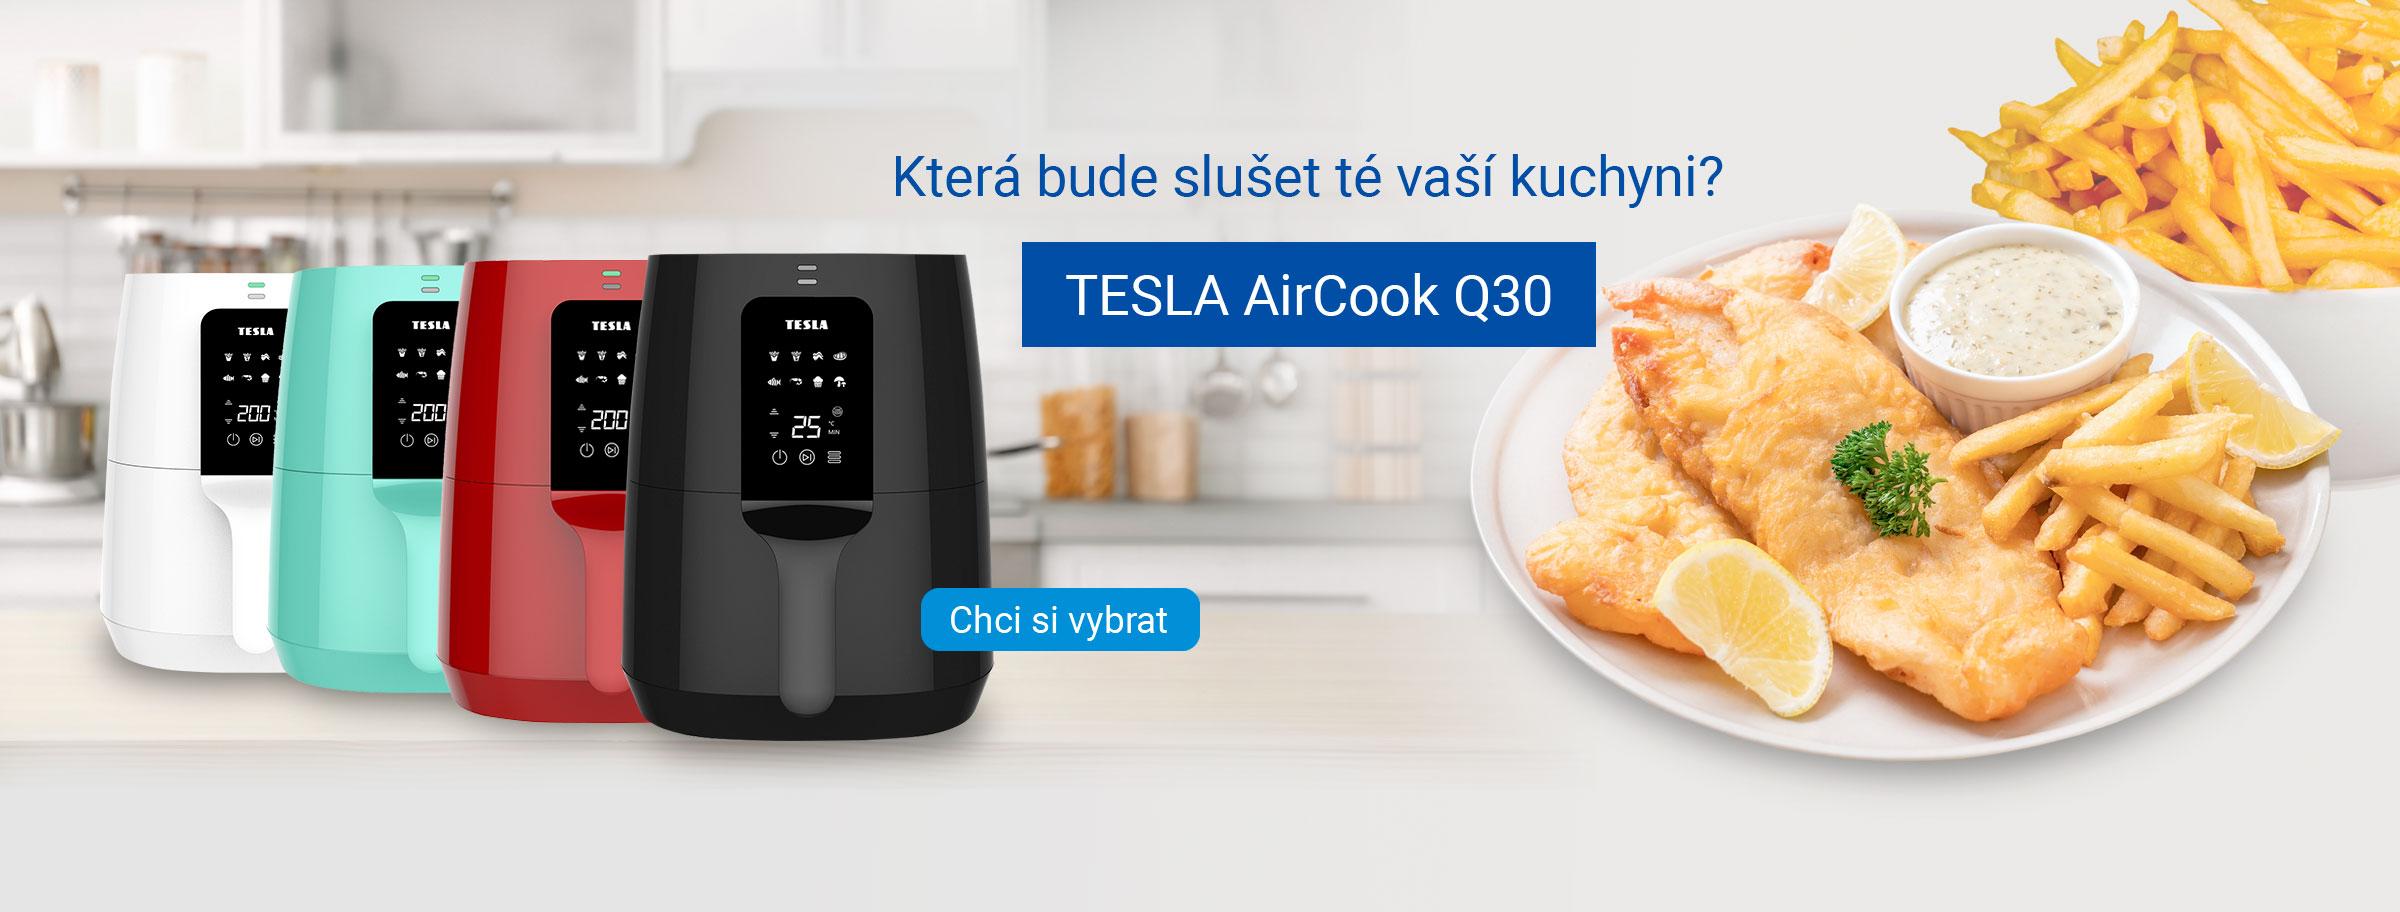 TESLA AirCook Q30 - multifunkční digitální horkovzdušná fritéza